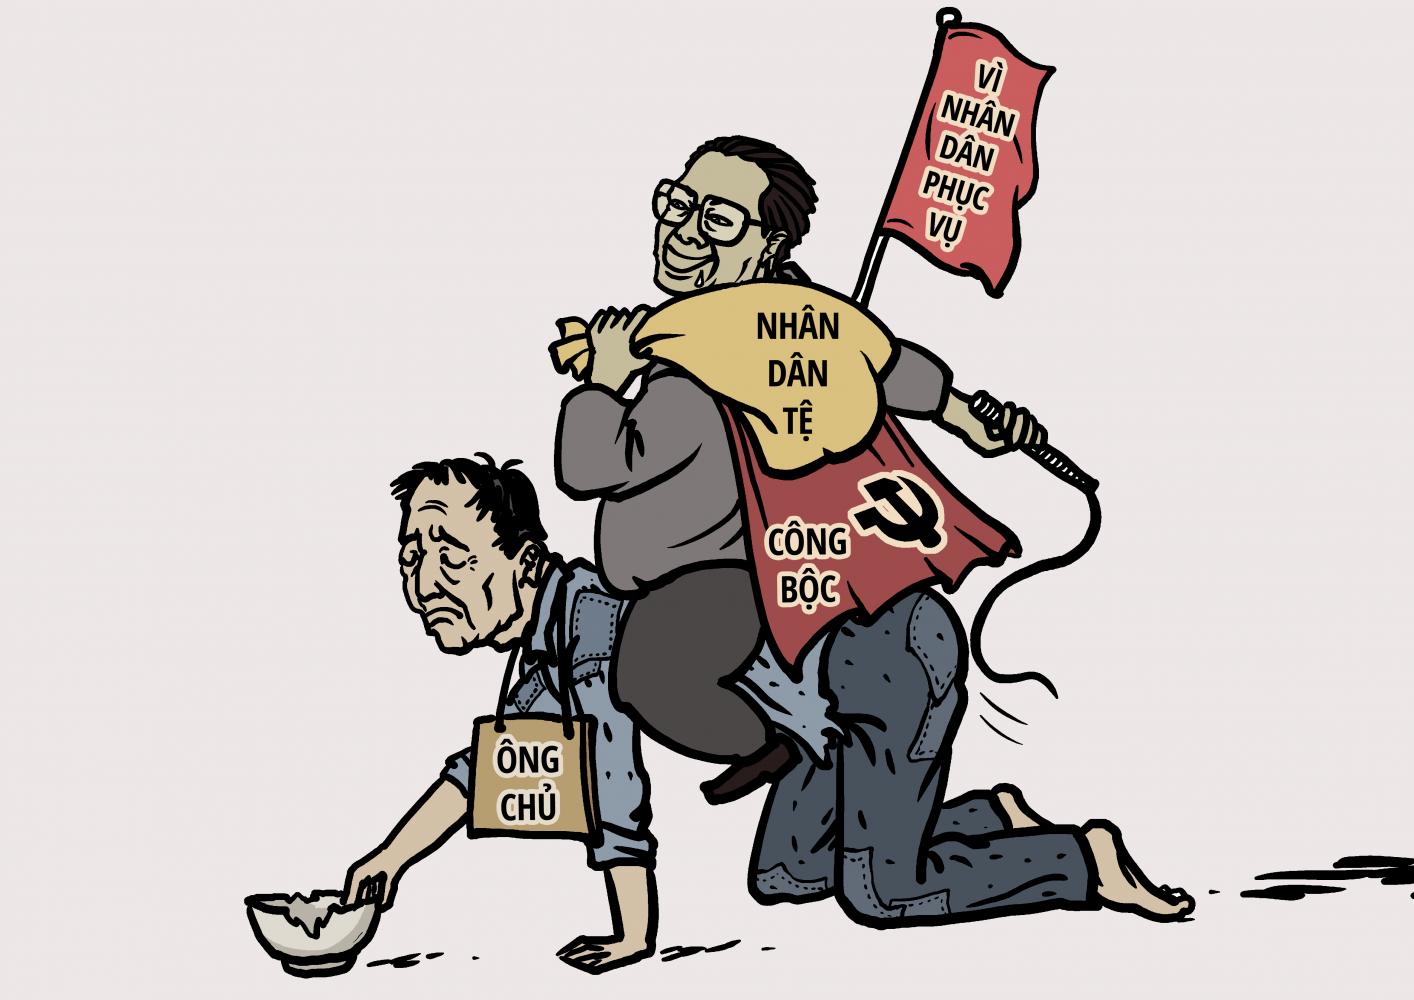 Bản chất của ĐCSTQ: Phê phán trật tự xã hội truyền thống